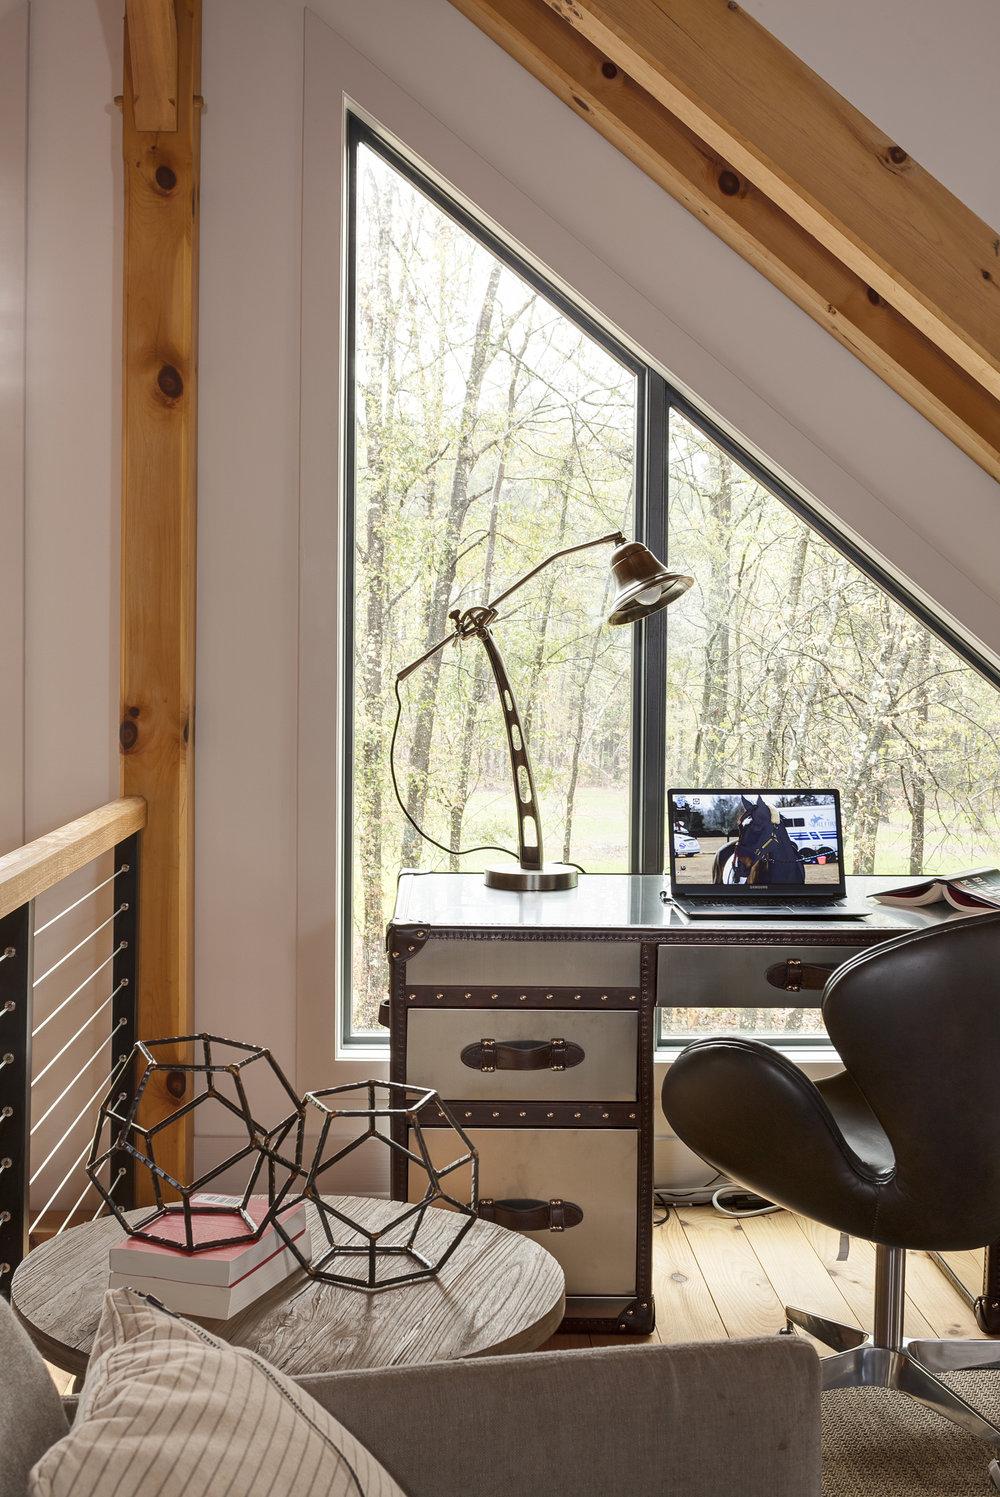 Interior_Loft_01.jpg